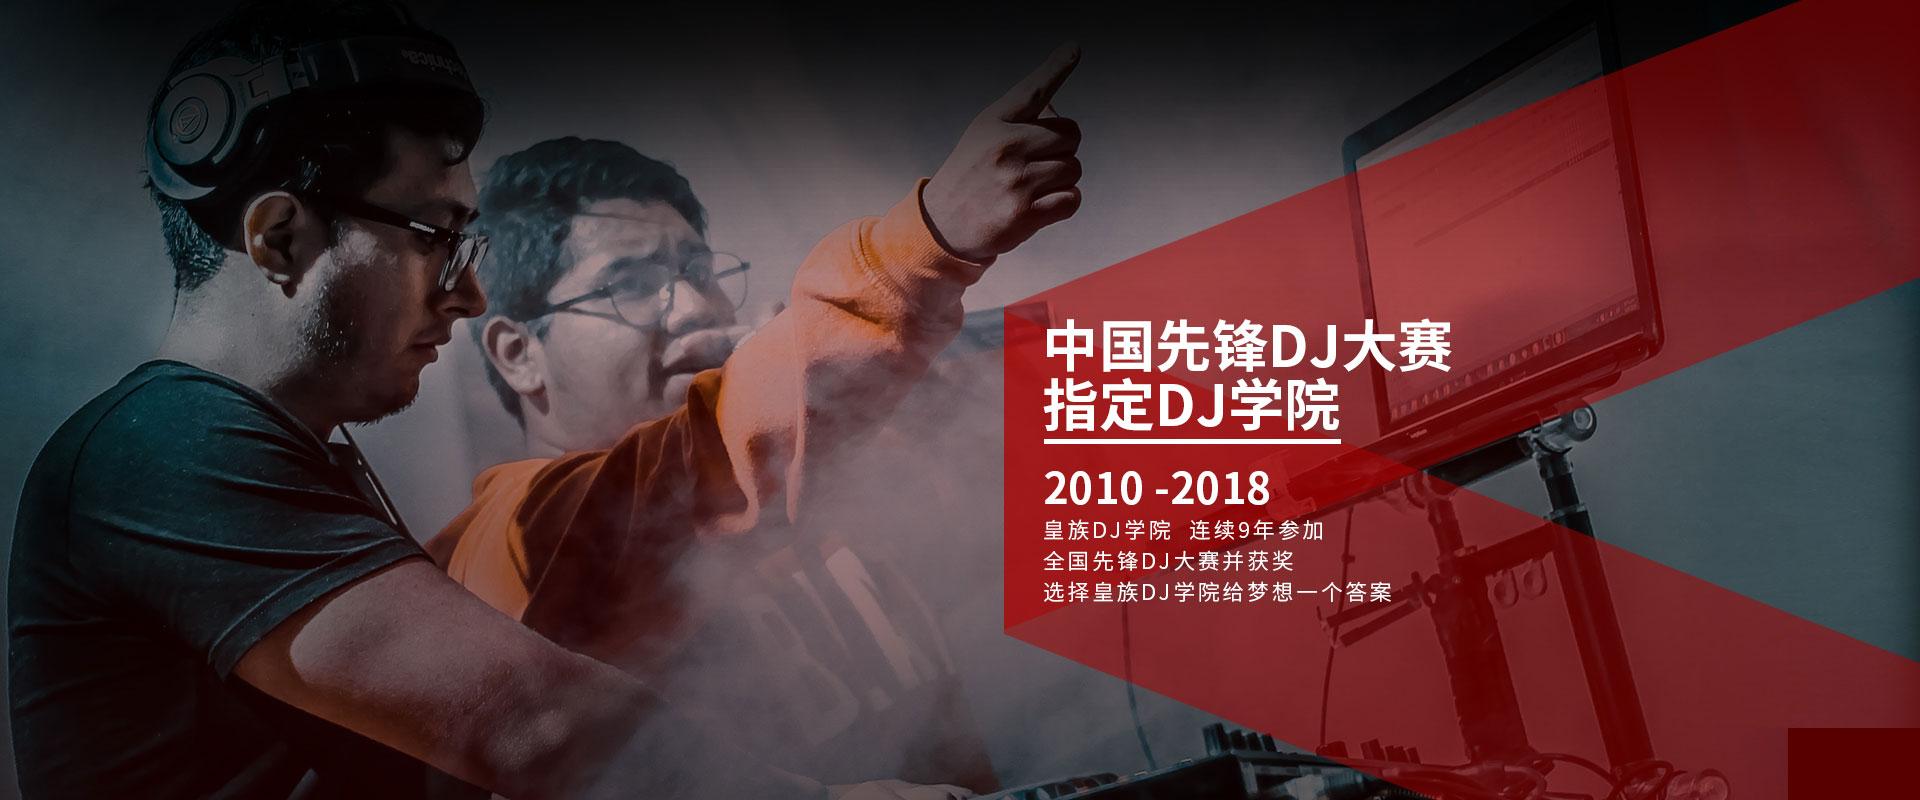 皇族DJDJ培训学院被授予中国先锋DJ大赛指定官方DJ培训学校